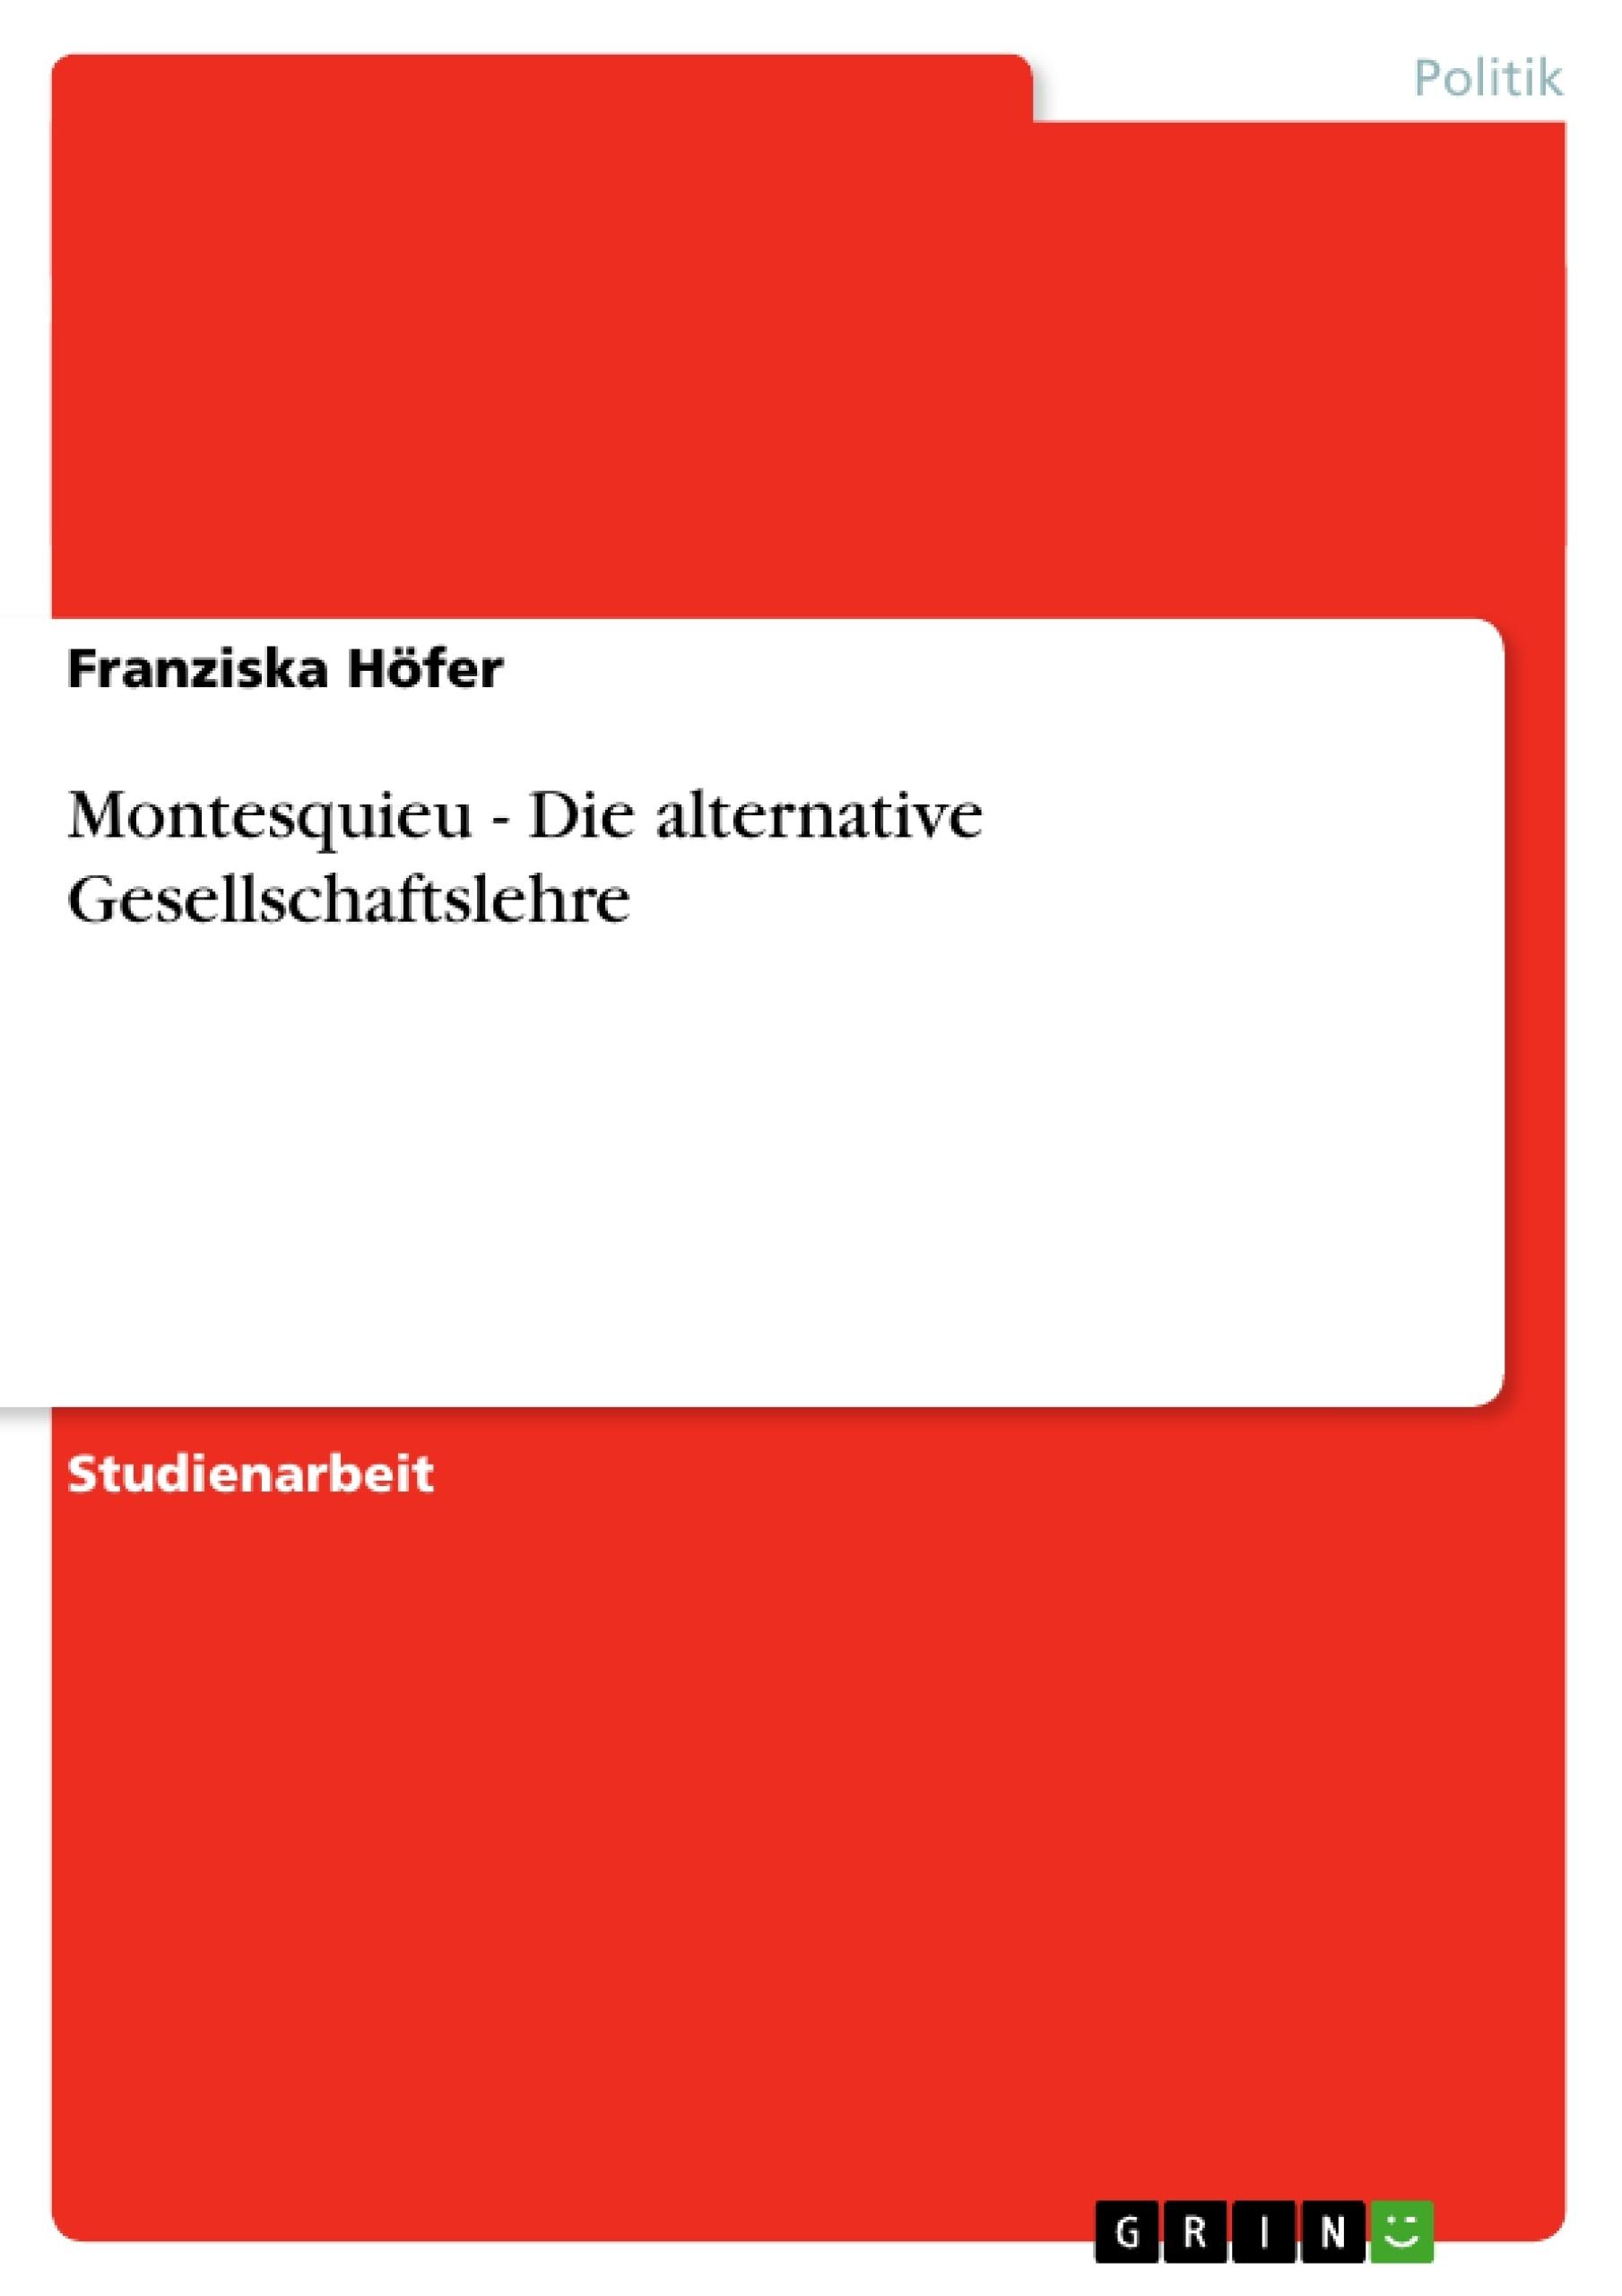 Titel: Montesquieu - Die alternative Gesellschaftslehre